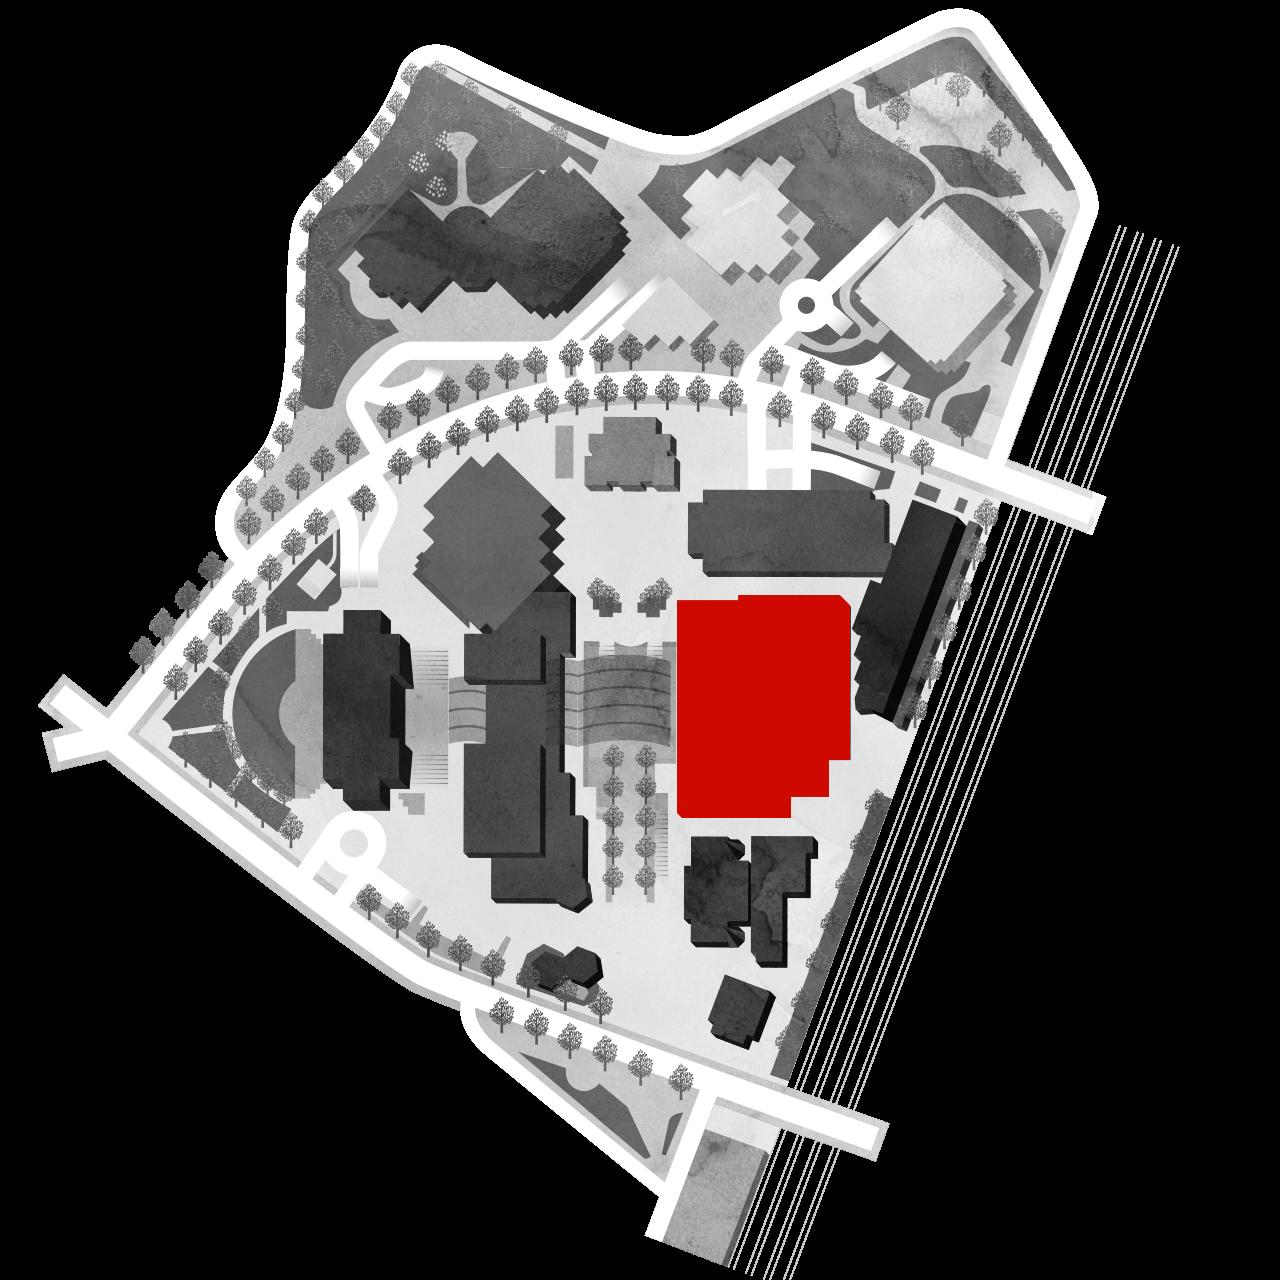 시설 지도